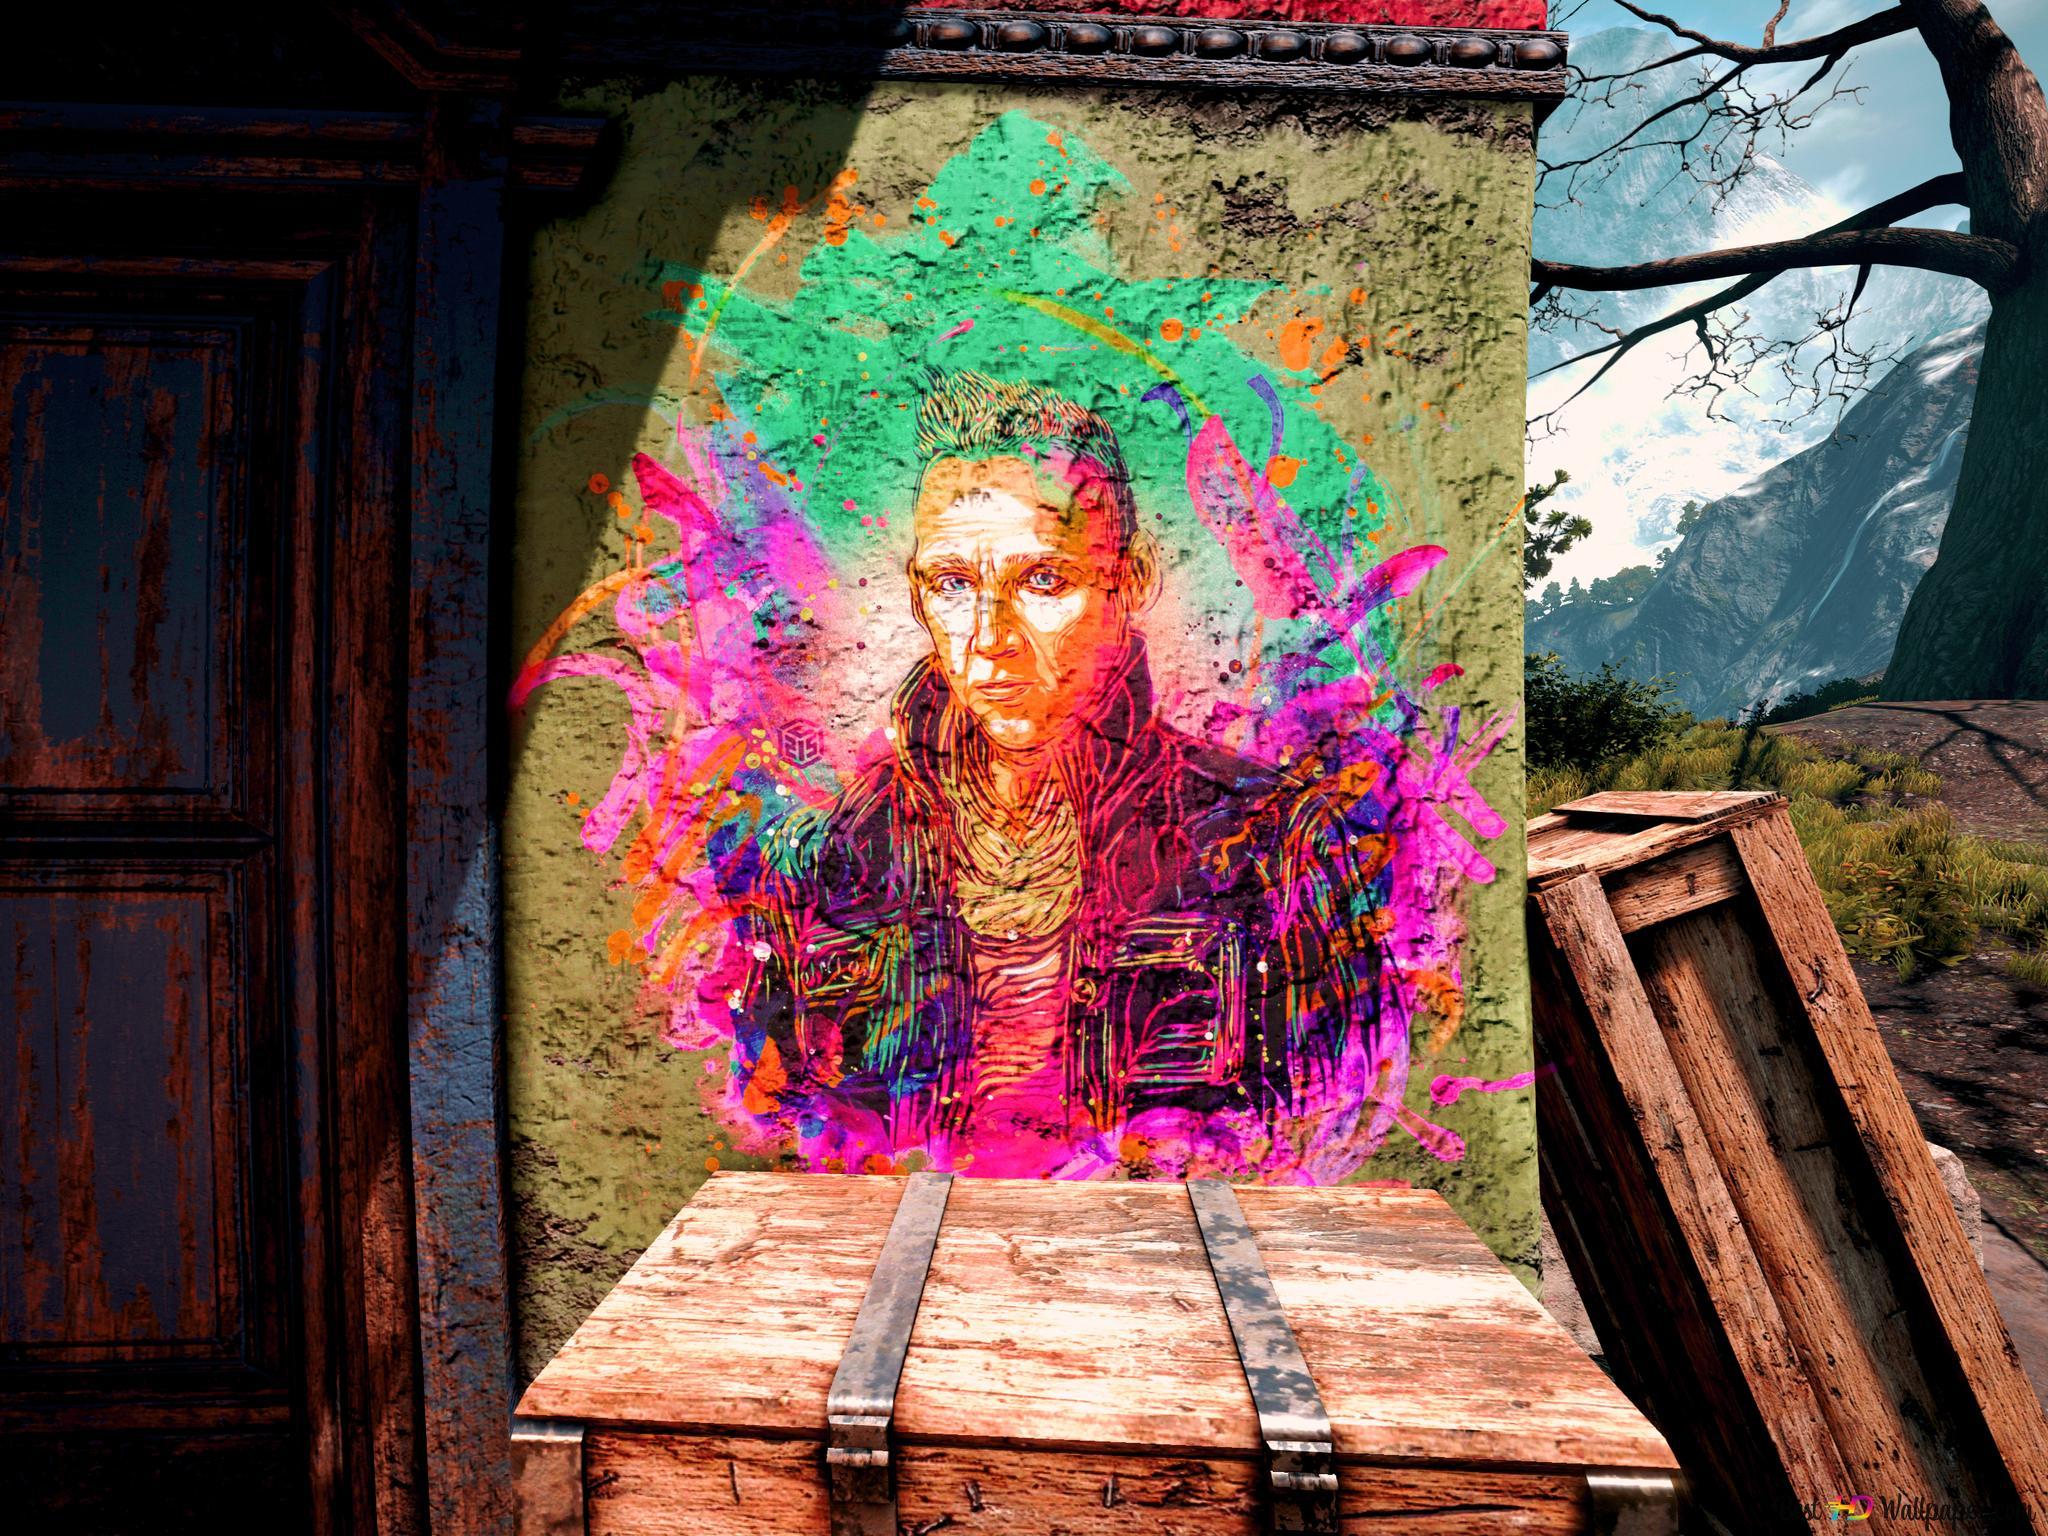 Far Cry 4 Drug Dealer Hd Wallpaper Download